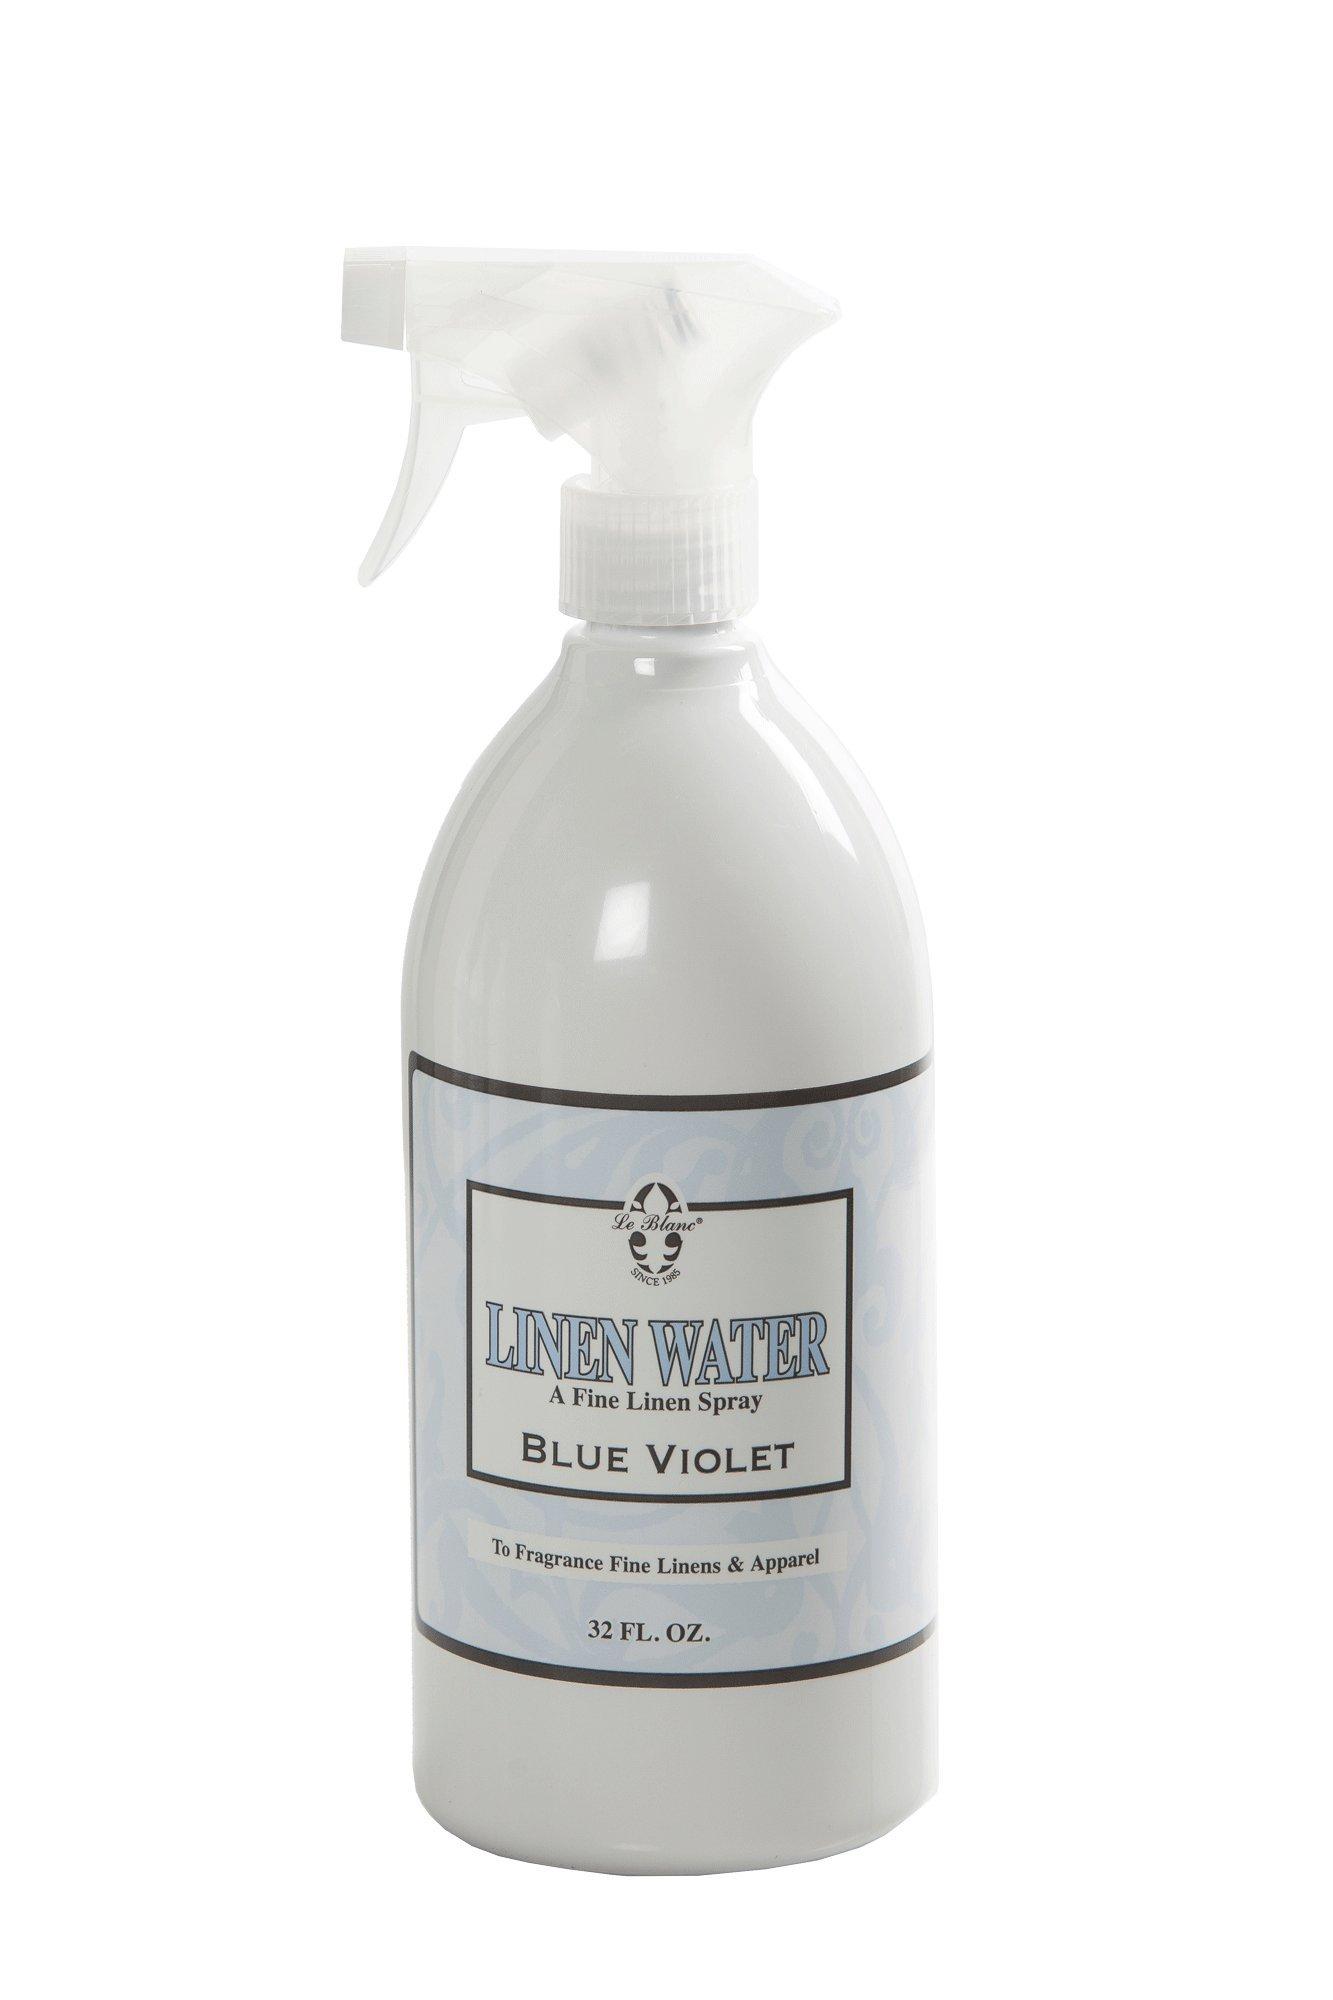 Le Blanc® Blue Violet Linen Water - 32 FL. OZ., 9 Pack by Le Blanc